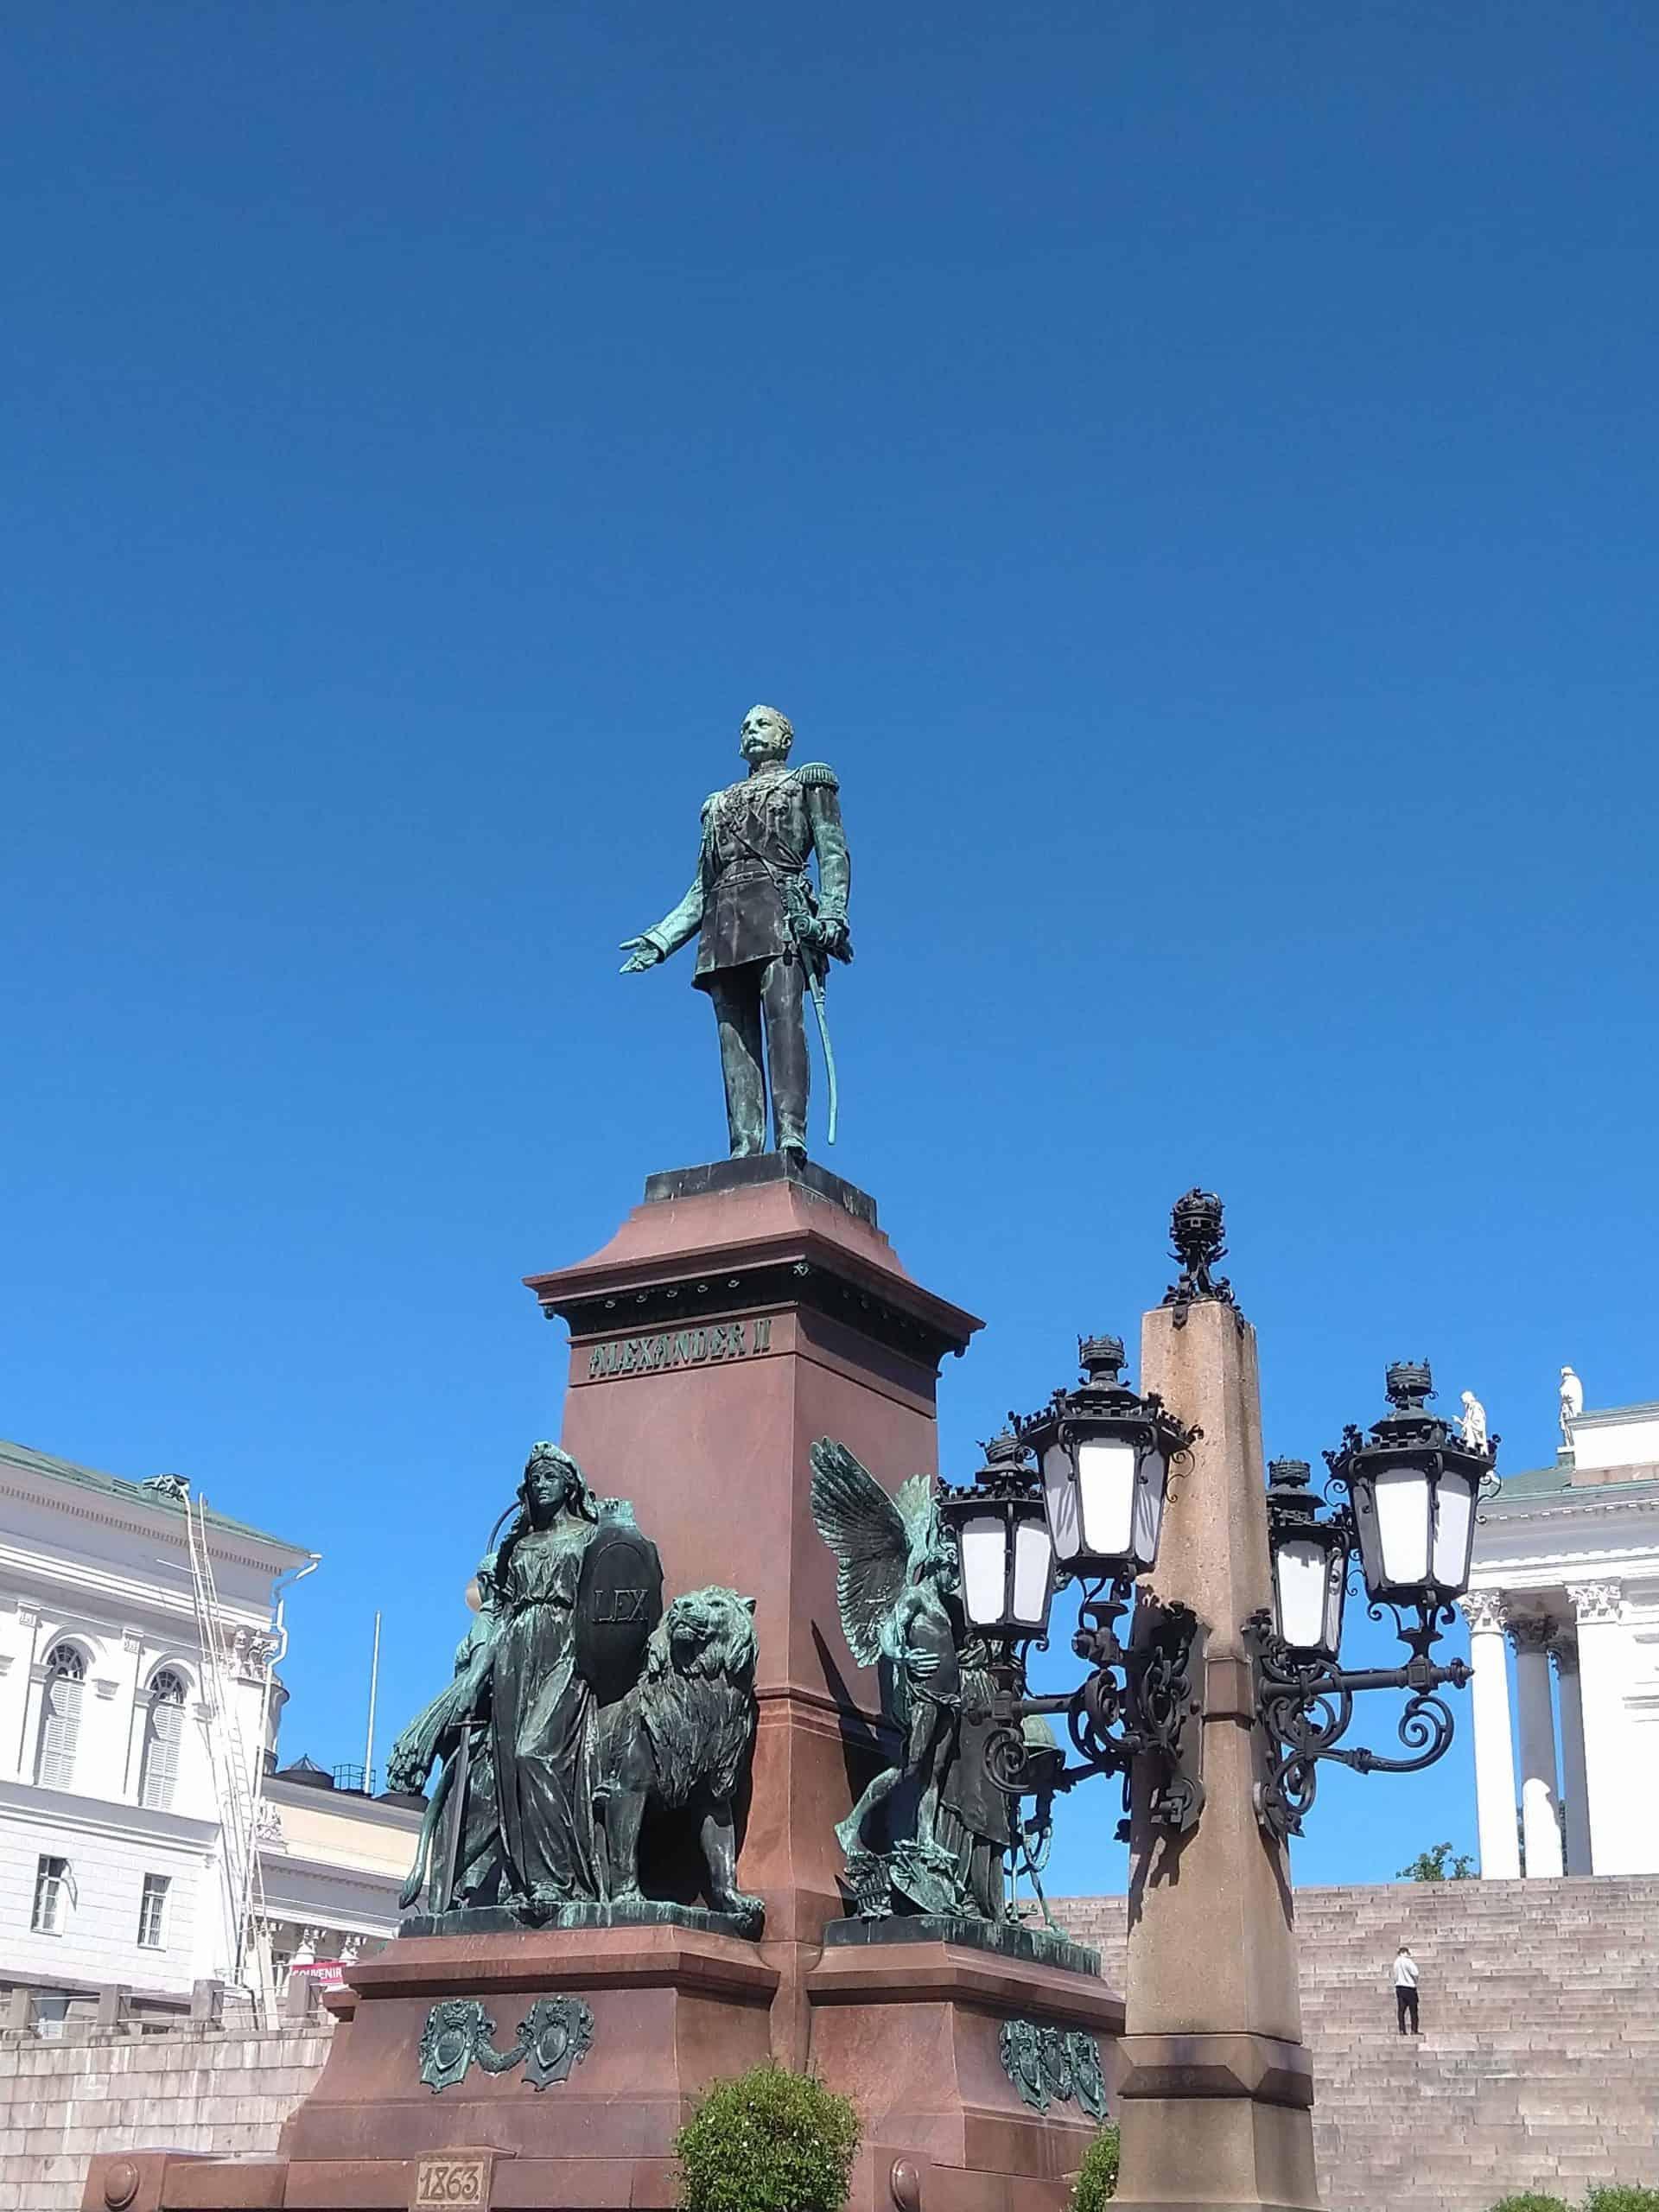 Helsinkitour_tourpoint5_statueofalexanderthe second